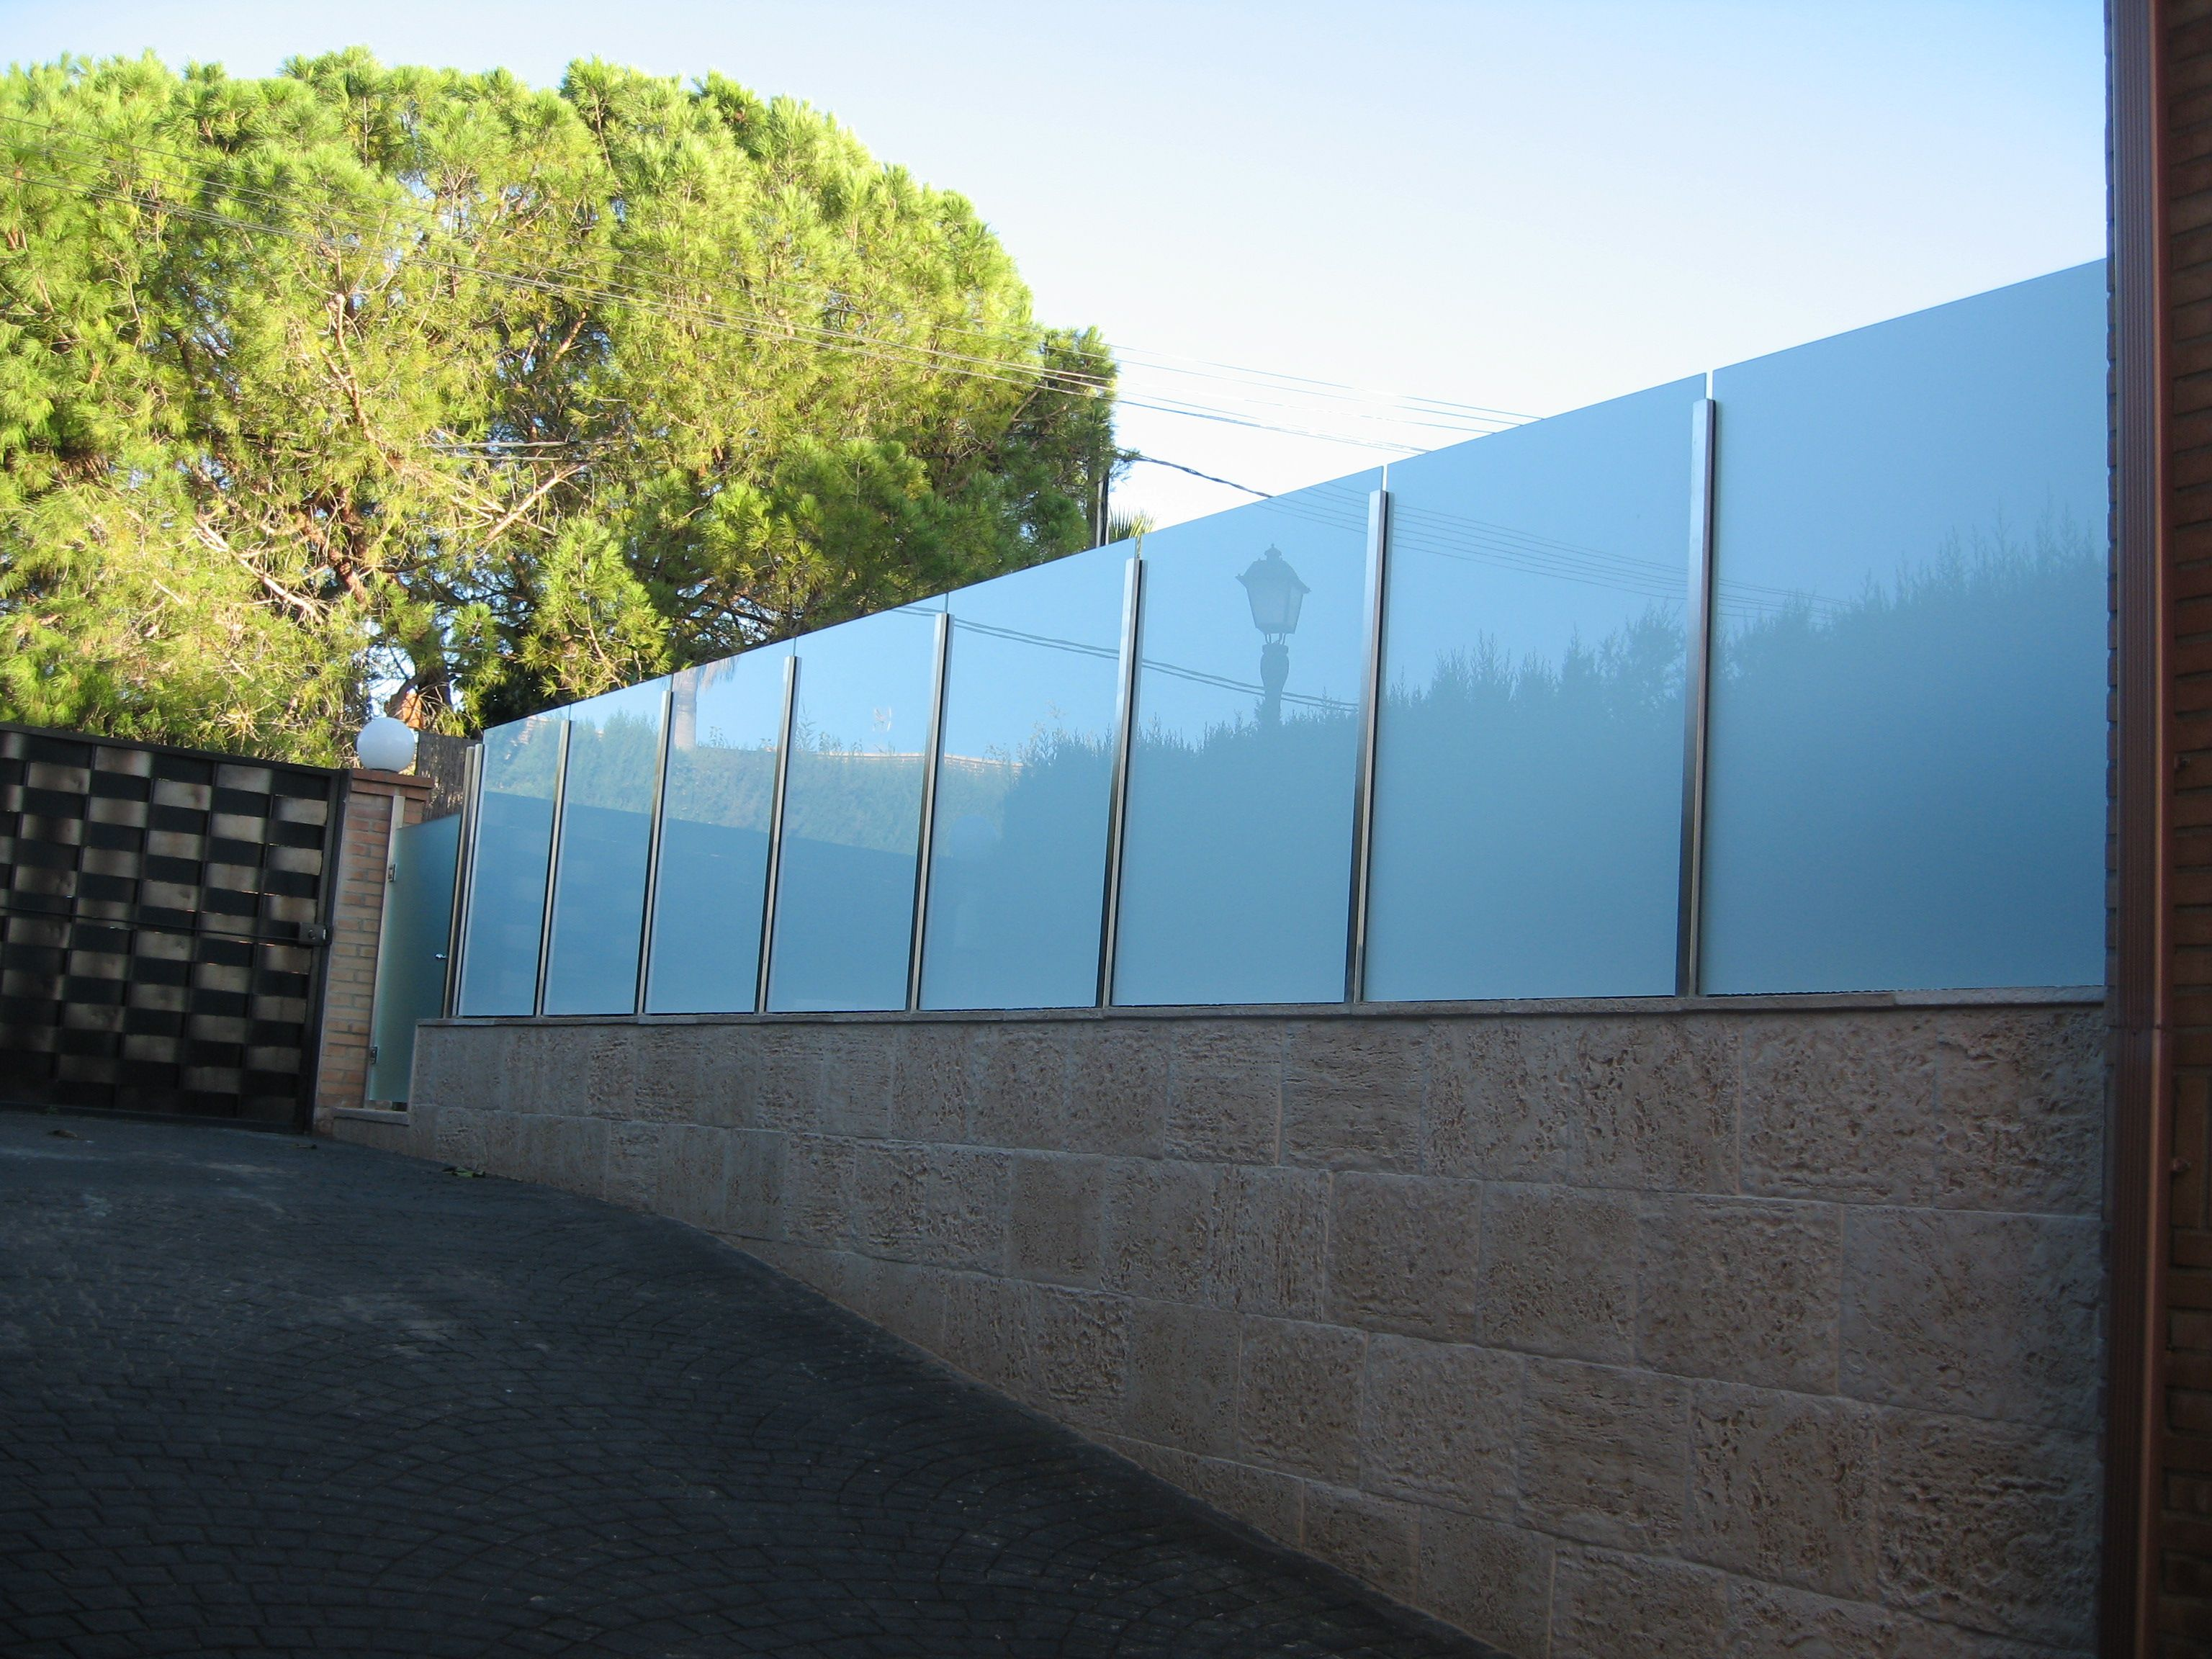 Valla formada por ejes de acero inoxidable y cristal - Vallas de cristal ...